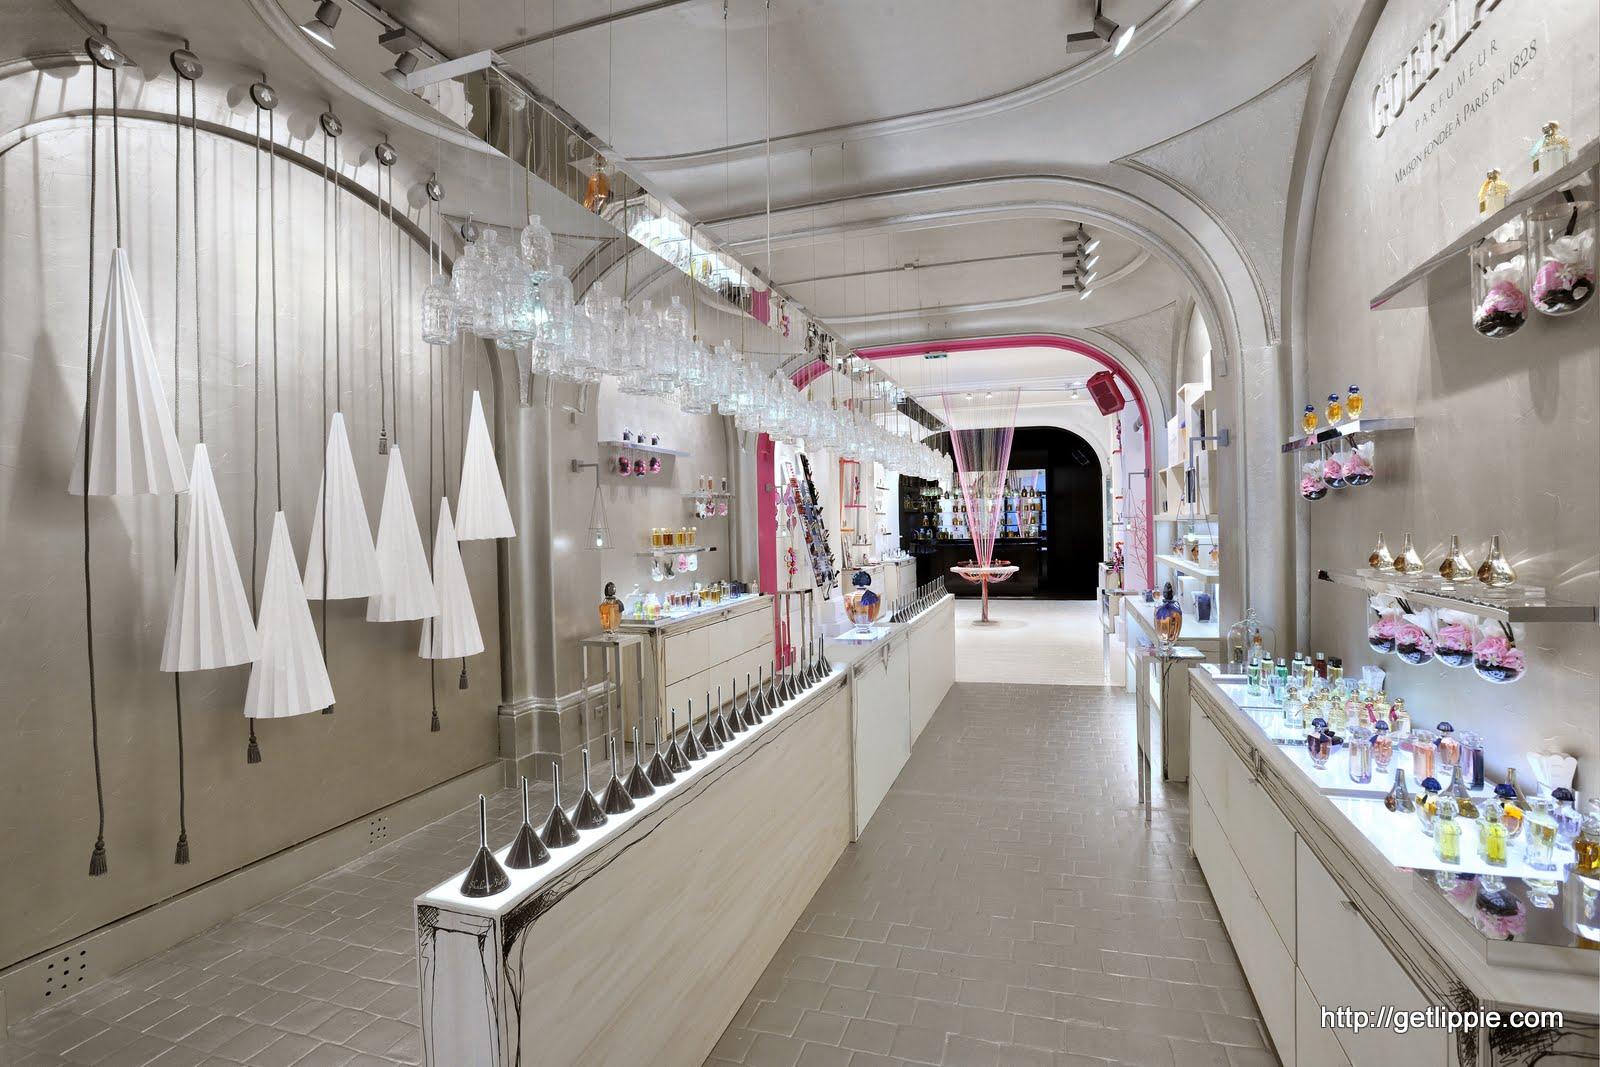 Guerlain Pop Up Shop | Get Lippie